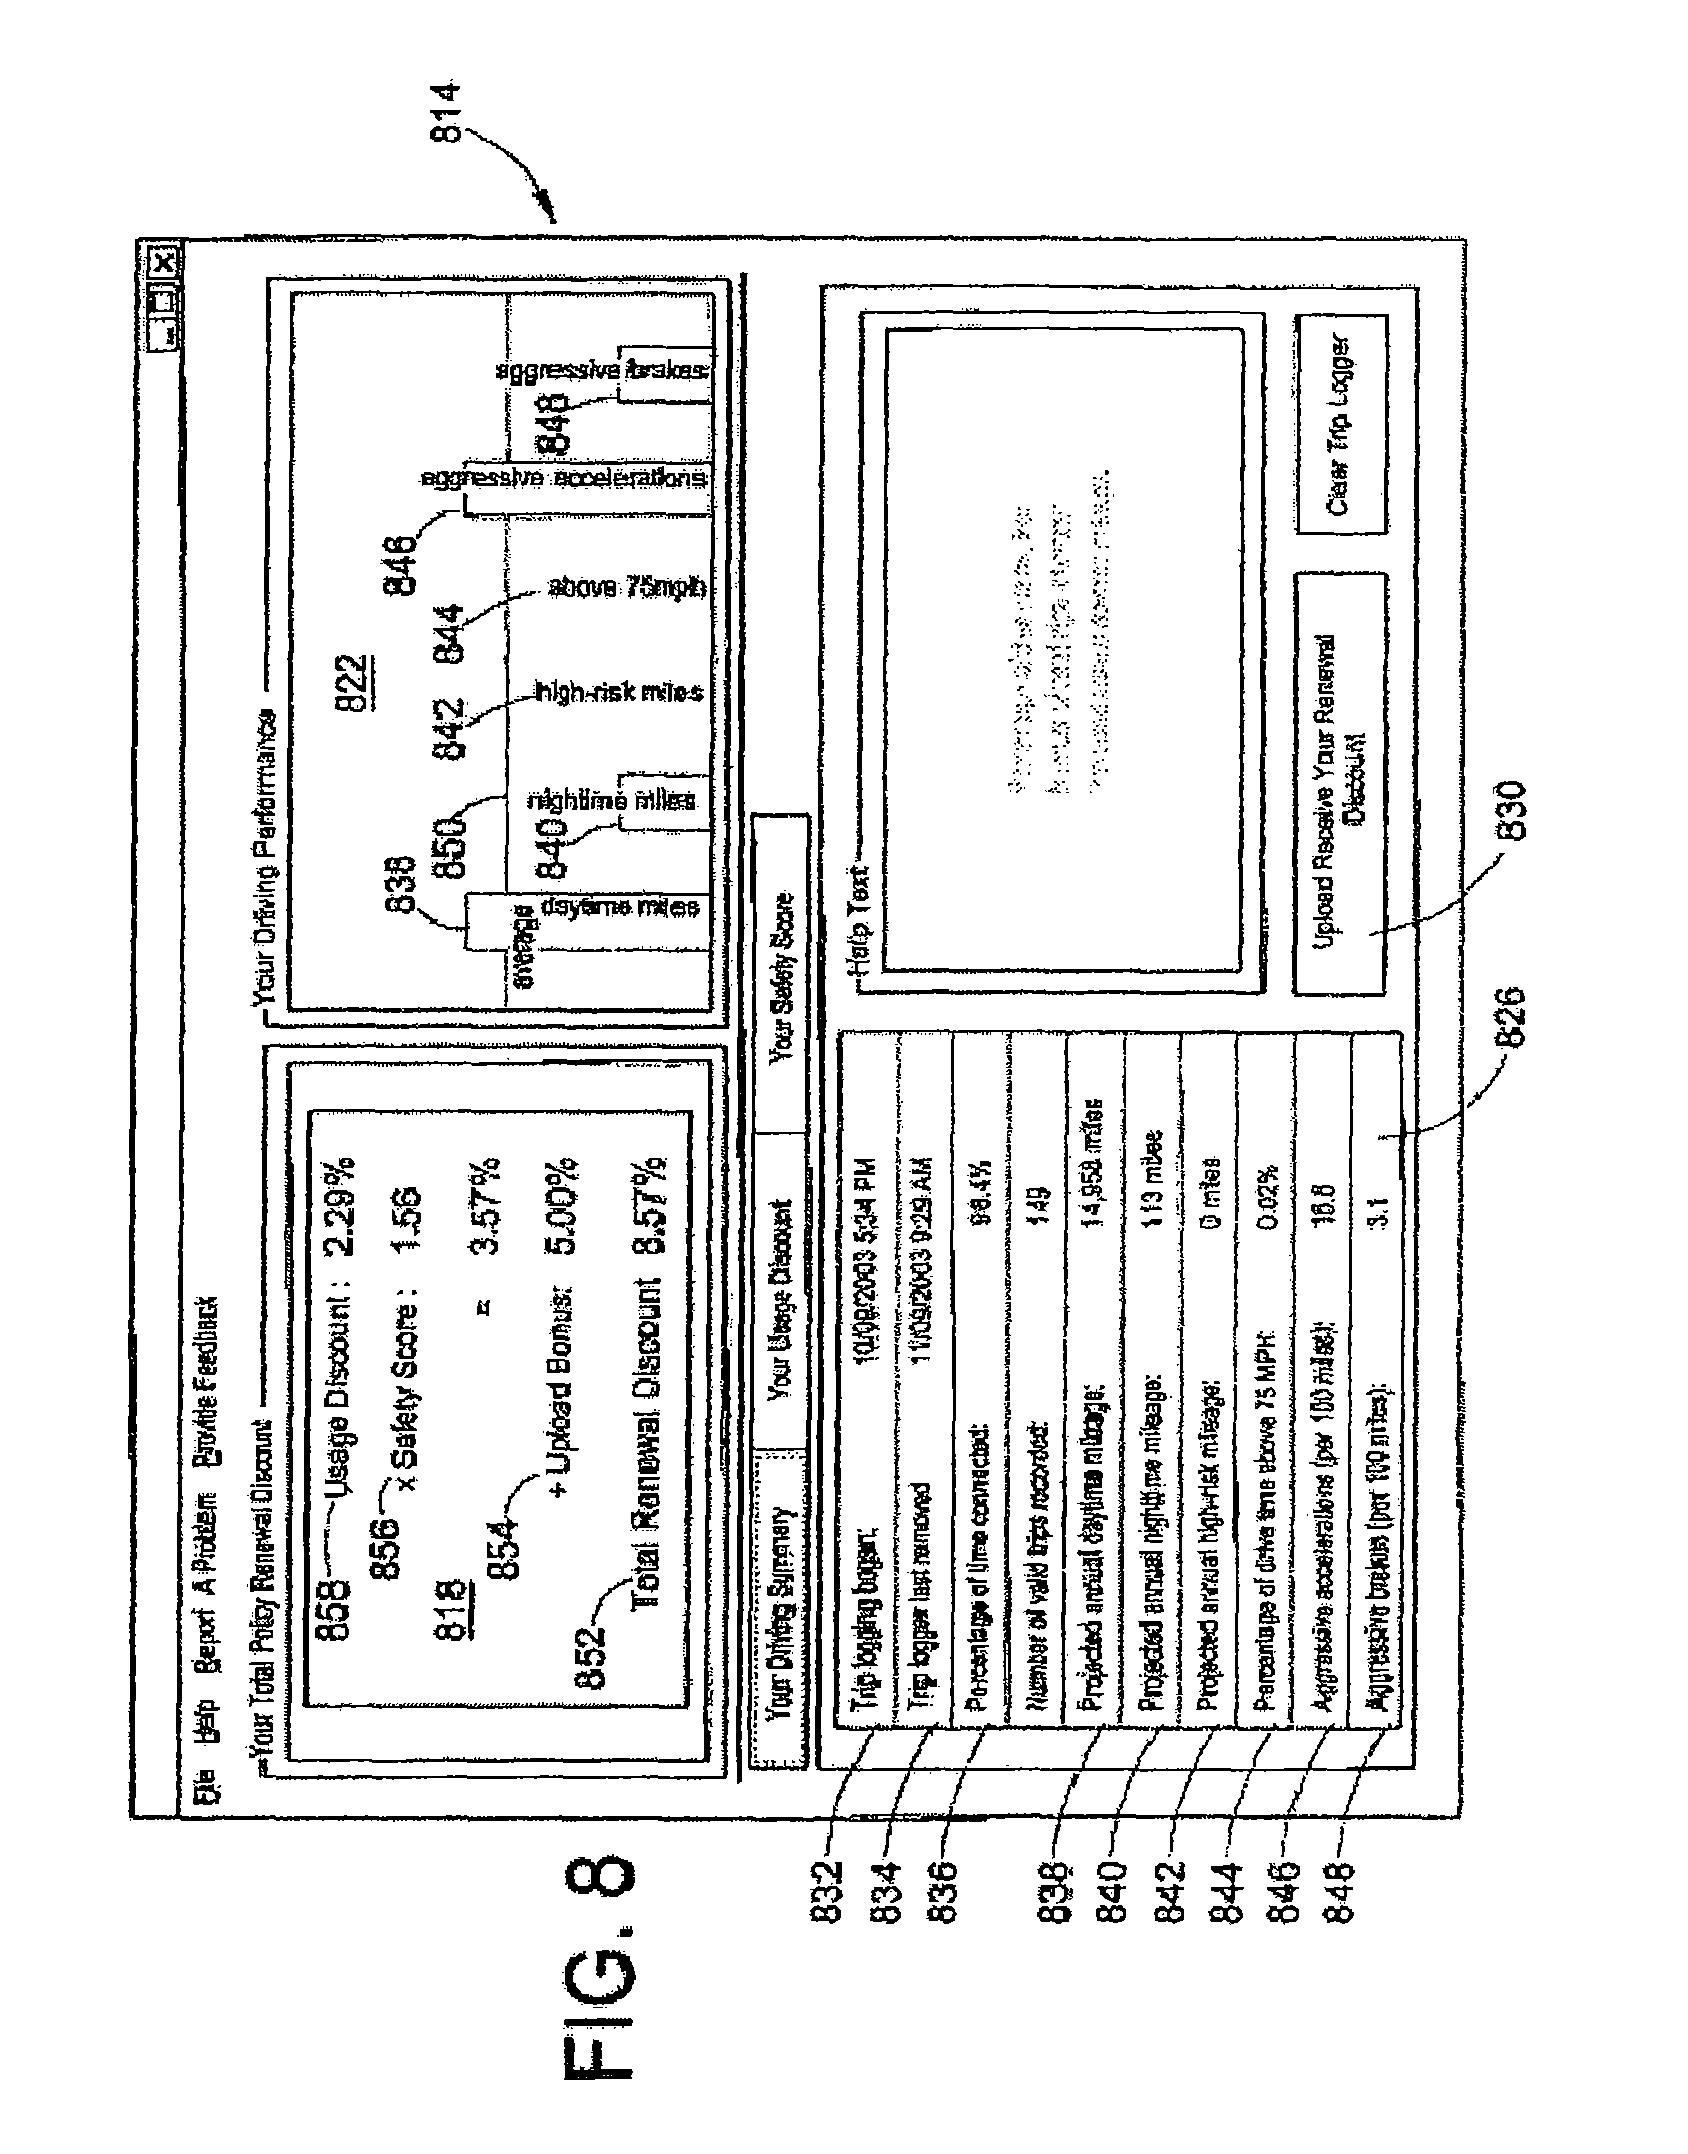 Patent Us 8311858 B2 Meters By Meter Mate Electrical Prepaid House Flow Diagram